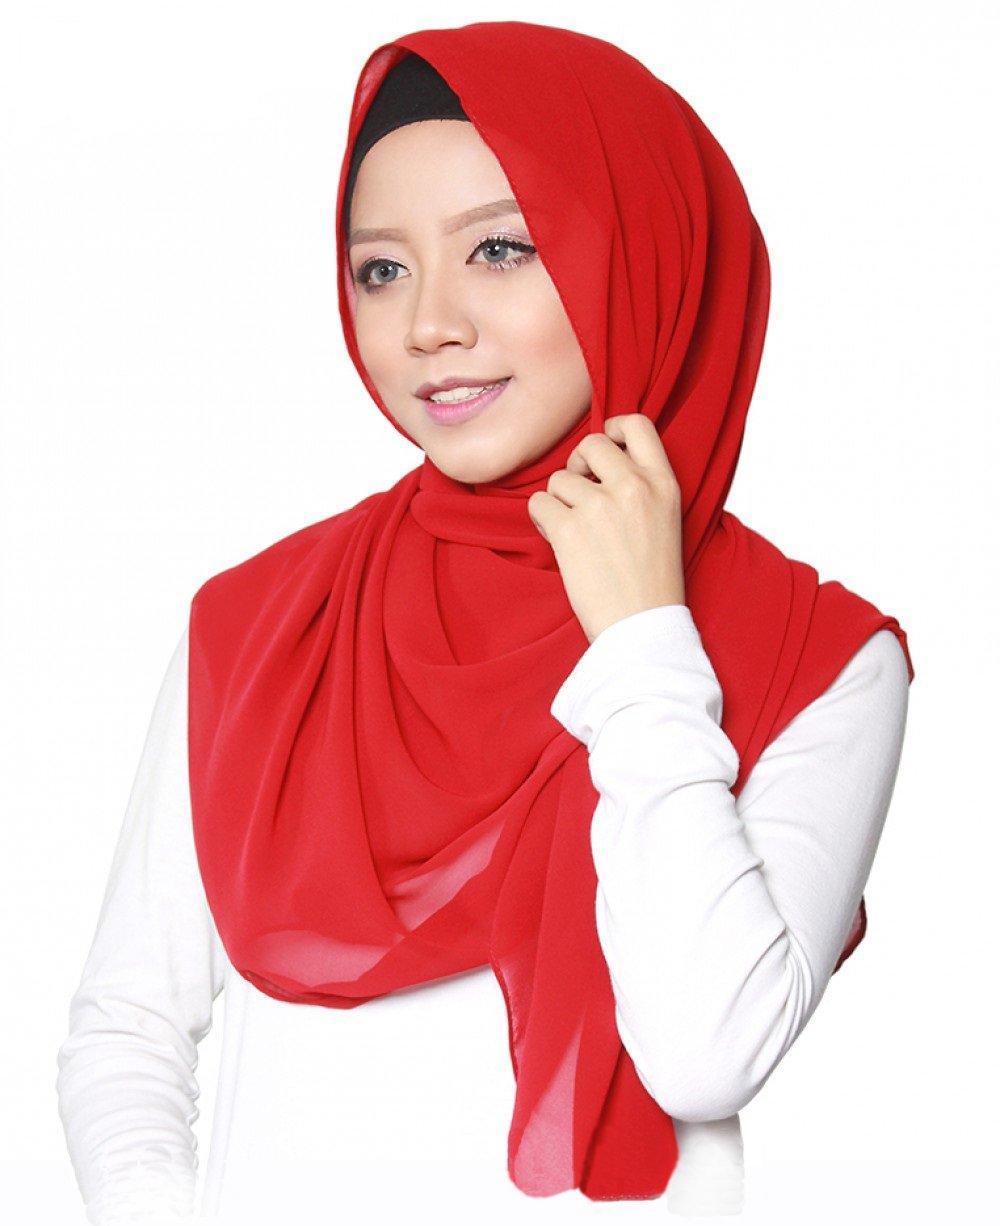 ❤ SAFIYA - Hijab pour femmes musulmanes voilées I Foulard voile turban  écharpe pashmina châle robe islamique I Mousseline de soie I 75x180cm  HBCFNROSE 91506f65a4a